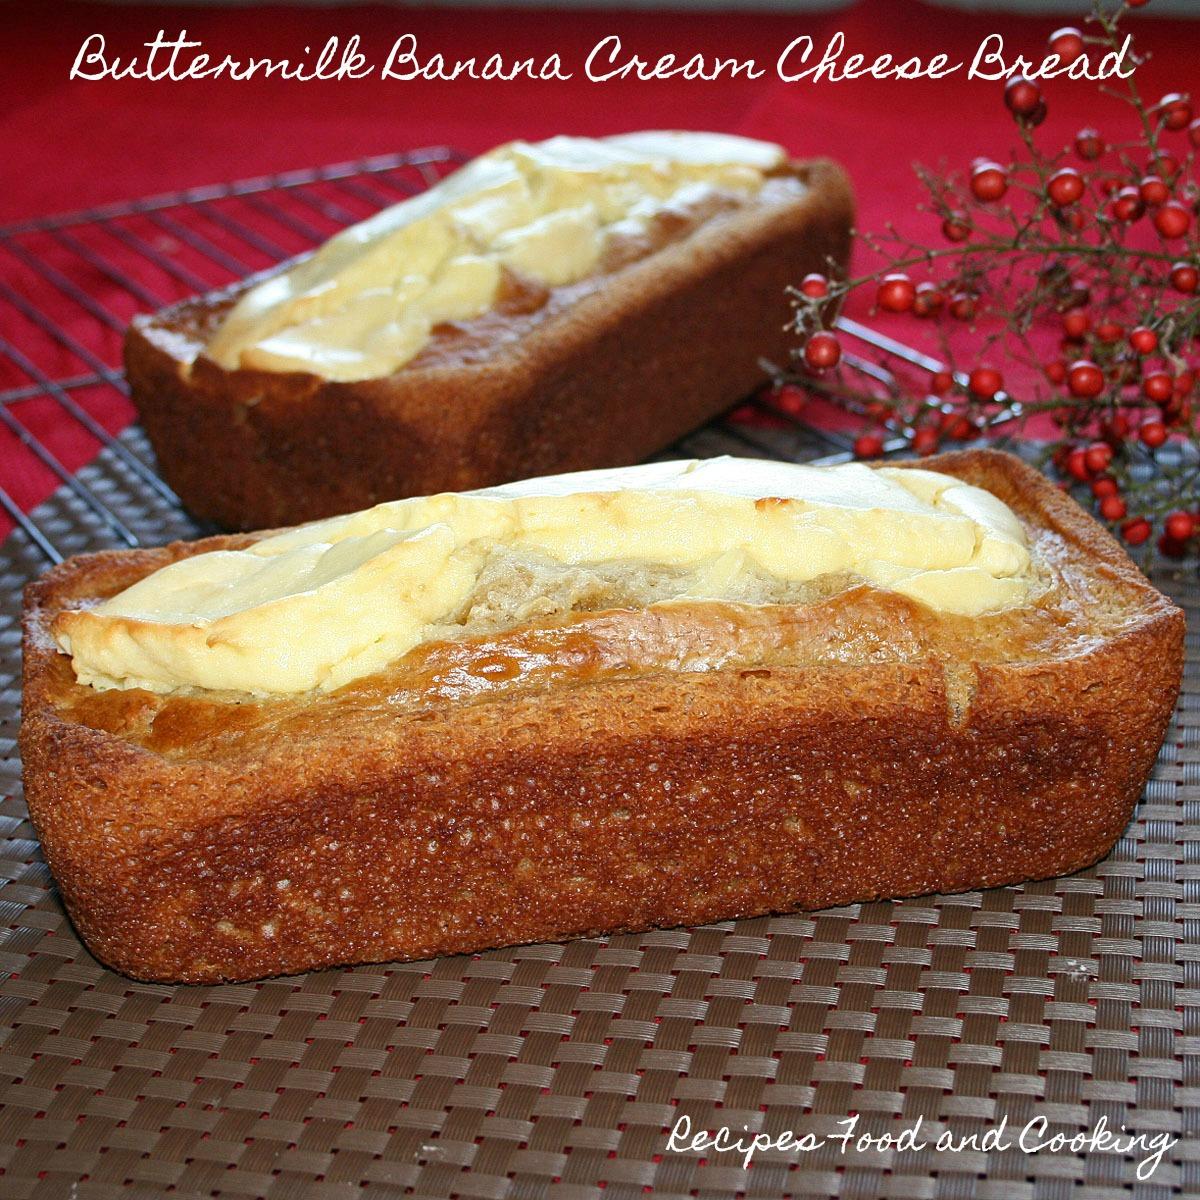 buttermilk-banana-cream-cheese-bread-2f